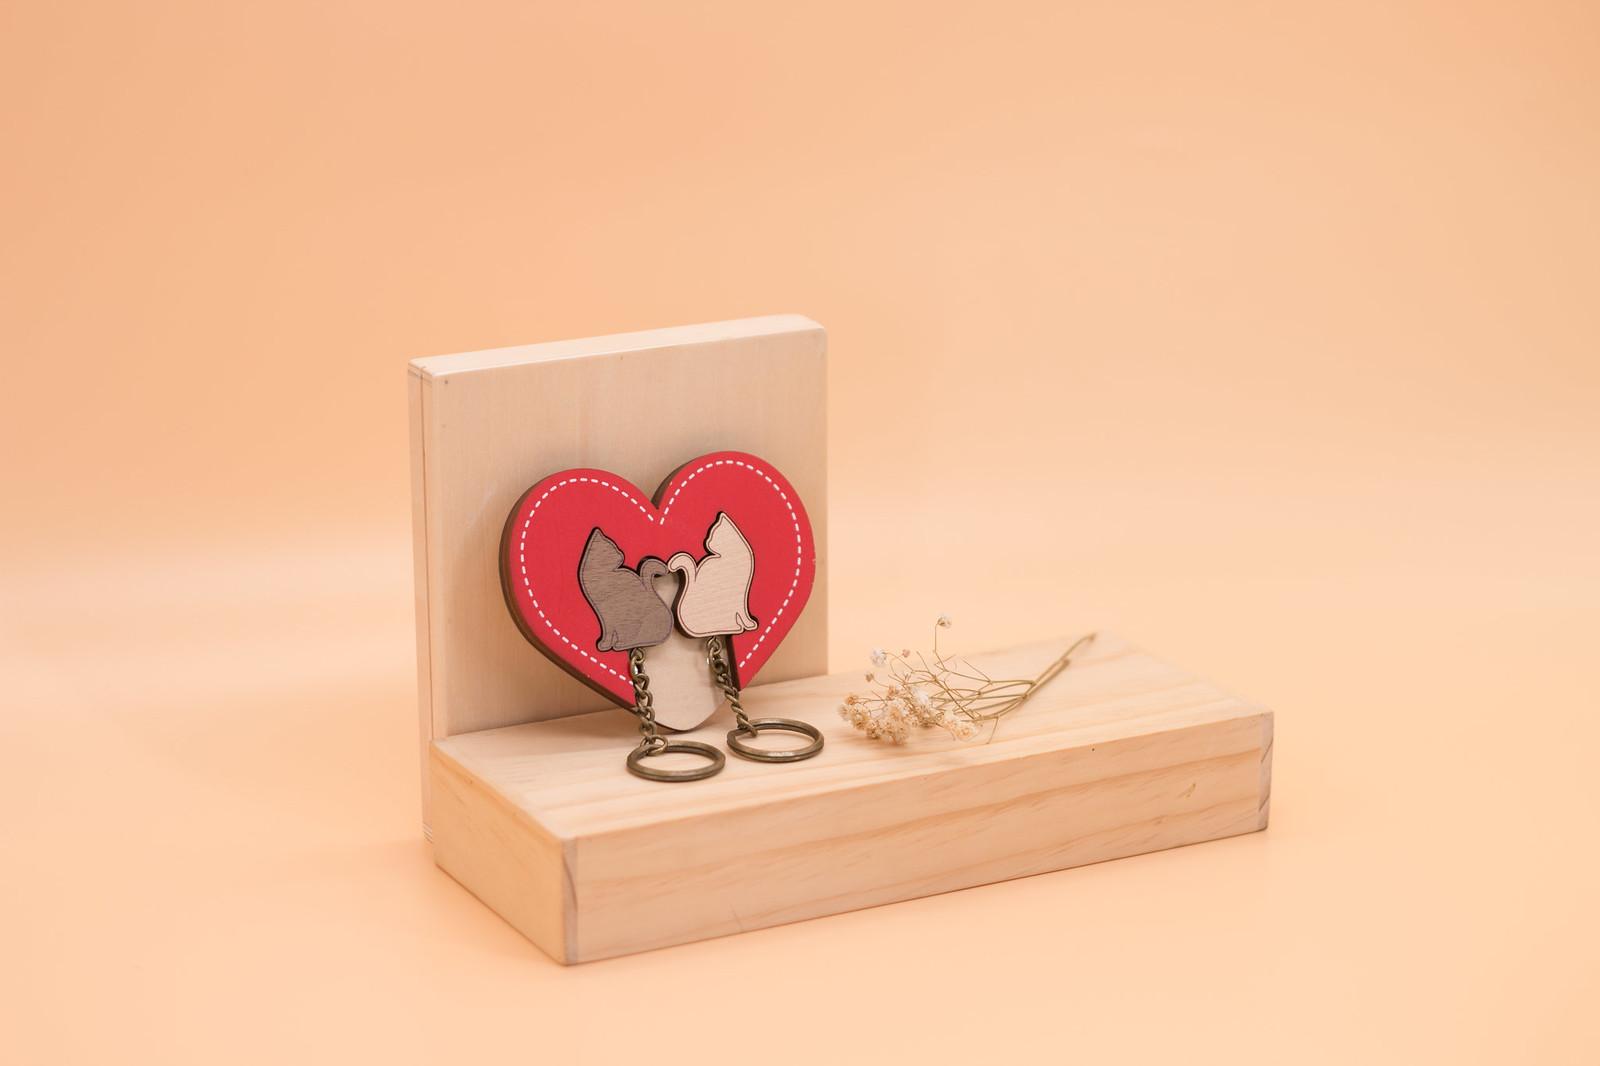 鑰匙圈 客製化 禮物 特色產品 居家 台灣設計 生日 情人節 雙人 情侶 貓咪 愛心 紅色 療癒 聖誕節 收納 裝飾 吊飾 送禮 中性 木 楓木 胡桃木 鑰匙